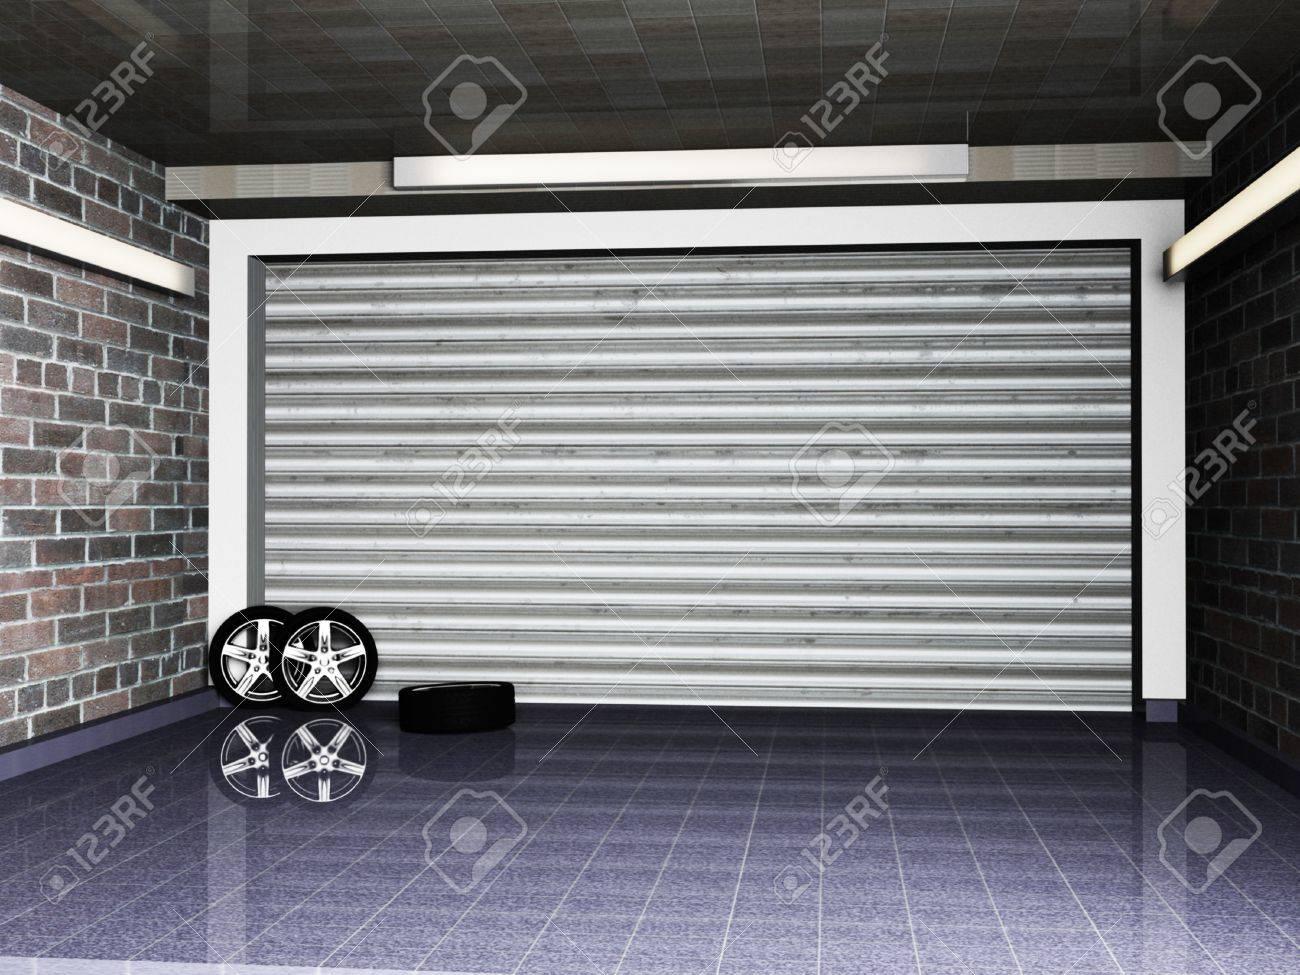 Roll up doors interior - Door Roll Garage With Metal Roll Up Door And The Wheel